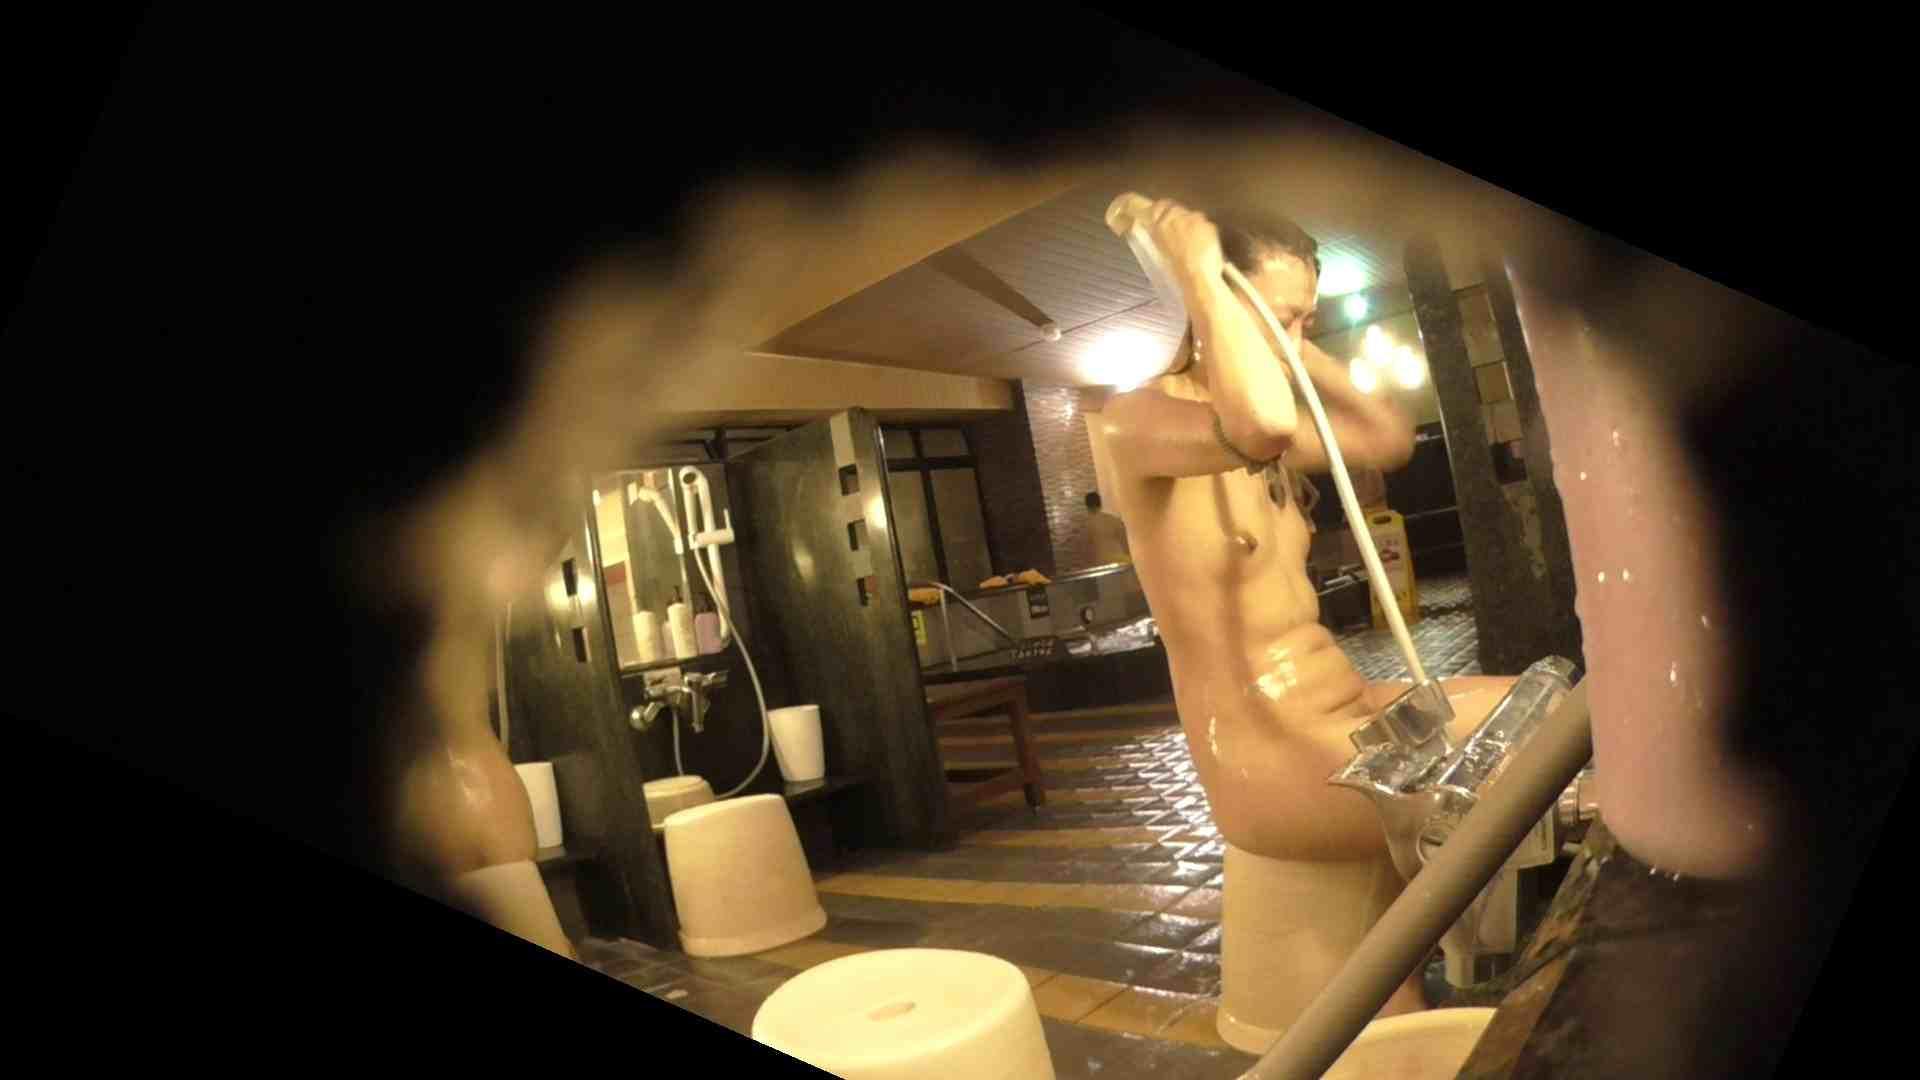 お風呂HEROの助手 vol.04 丸見え AV動画キャプチャ 88画像 17